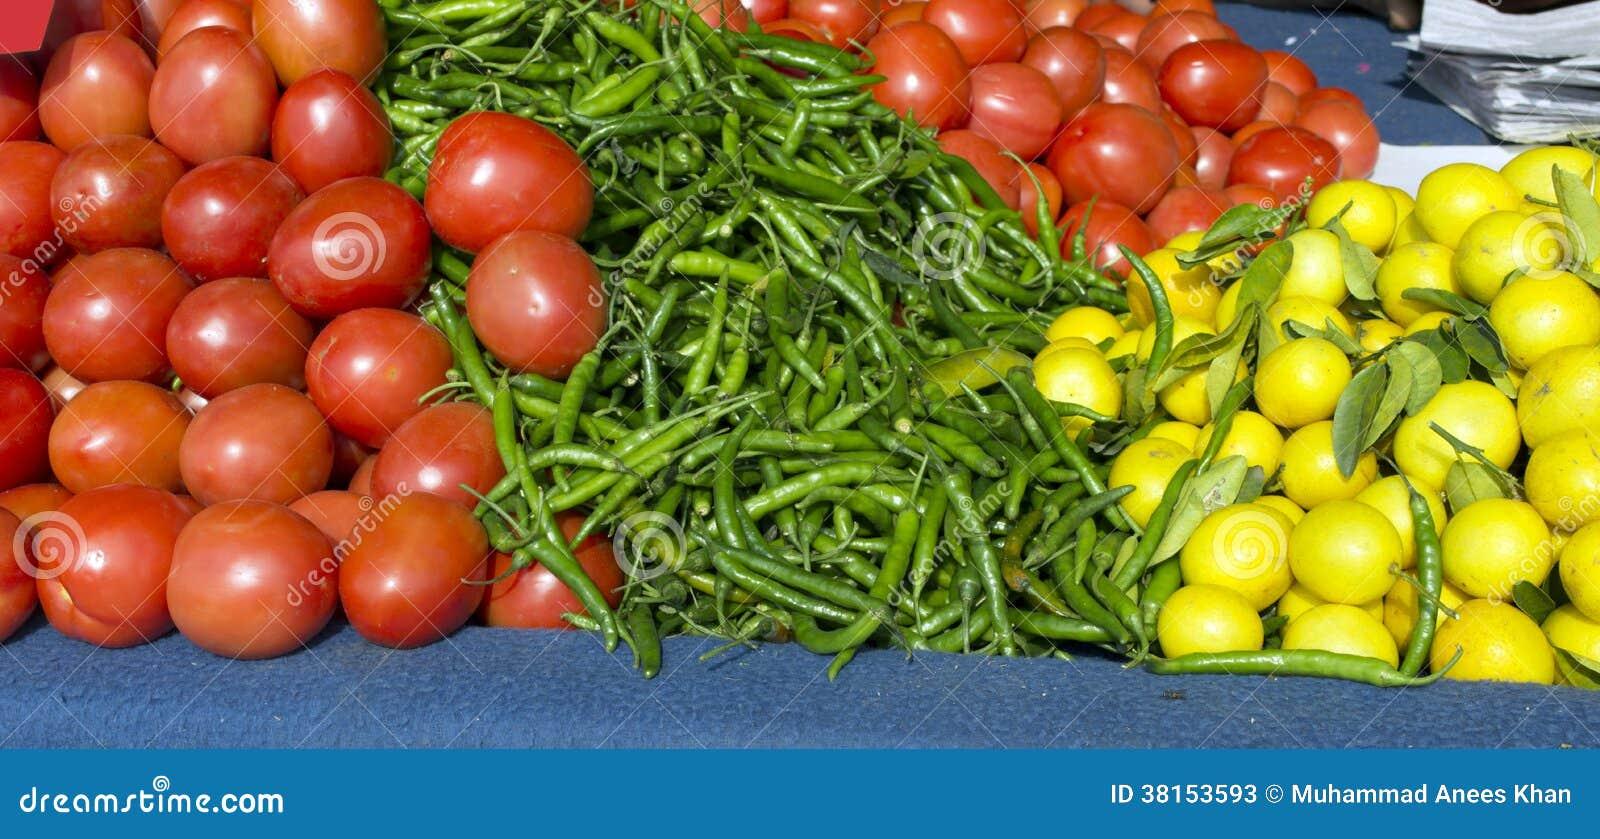 Kühler Zitronenspeicher der Tomate